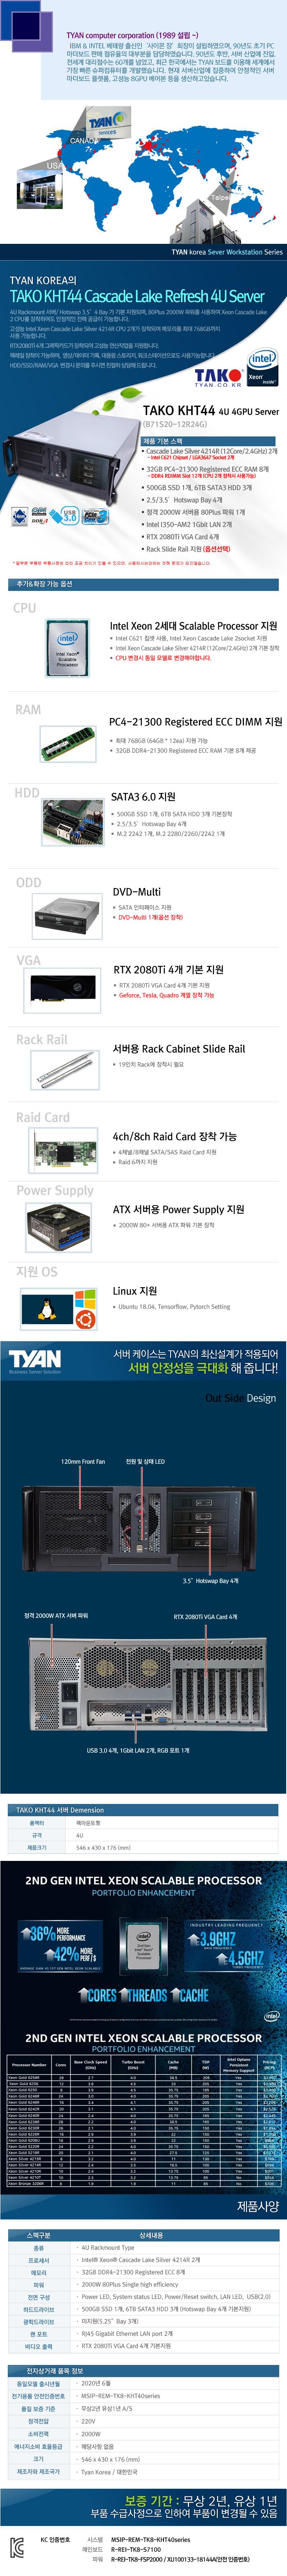 TYAN TAKO-KHT44-(B71S20-12R24G) 4GPU (256GB, SSD 500GB + 18TB)